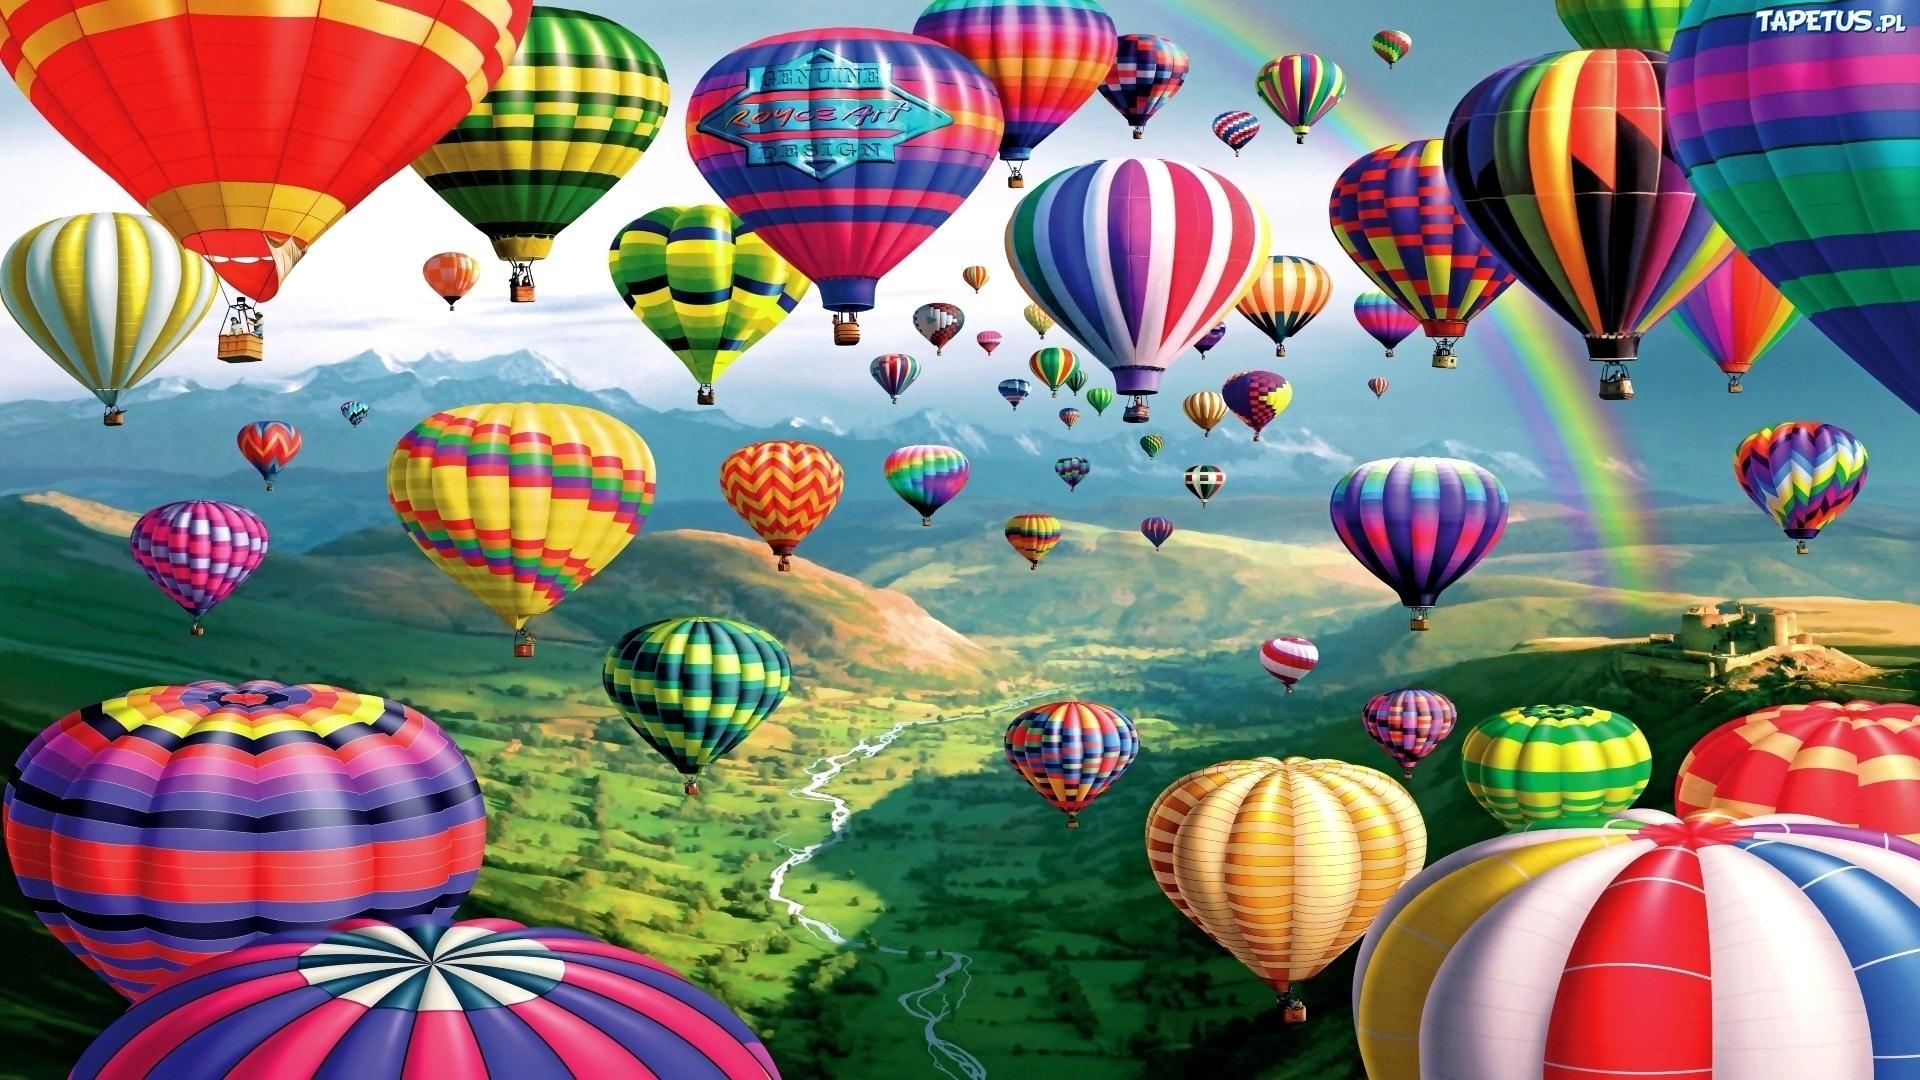 природа деревья архитектура мост воздушные шары аэростаты nature trees architecture the bridge air balls balloons  № 2627697 загрузить